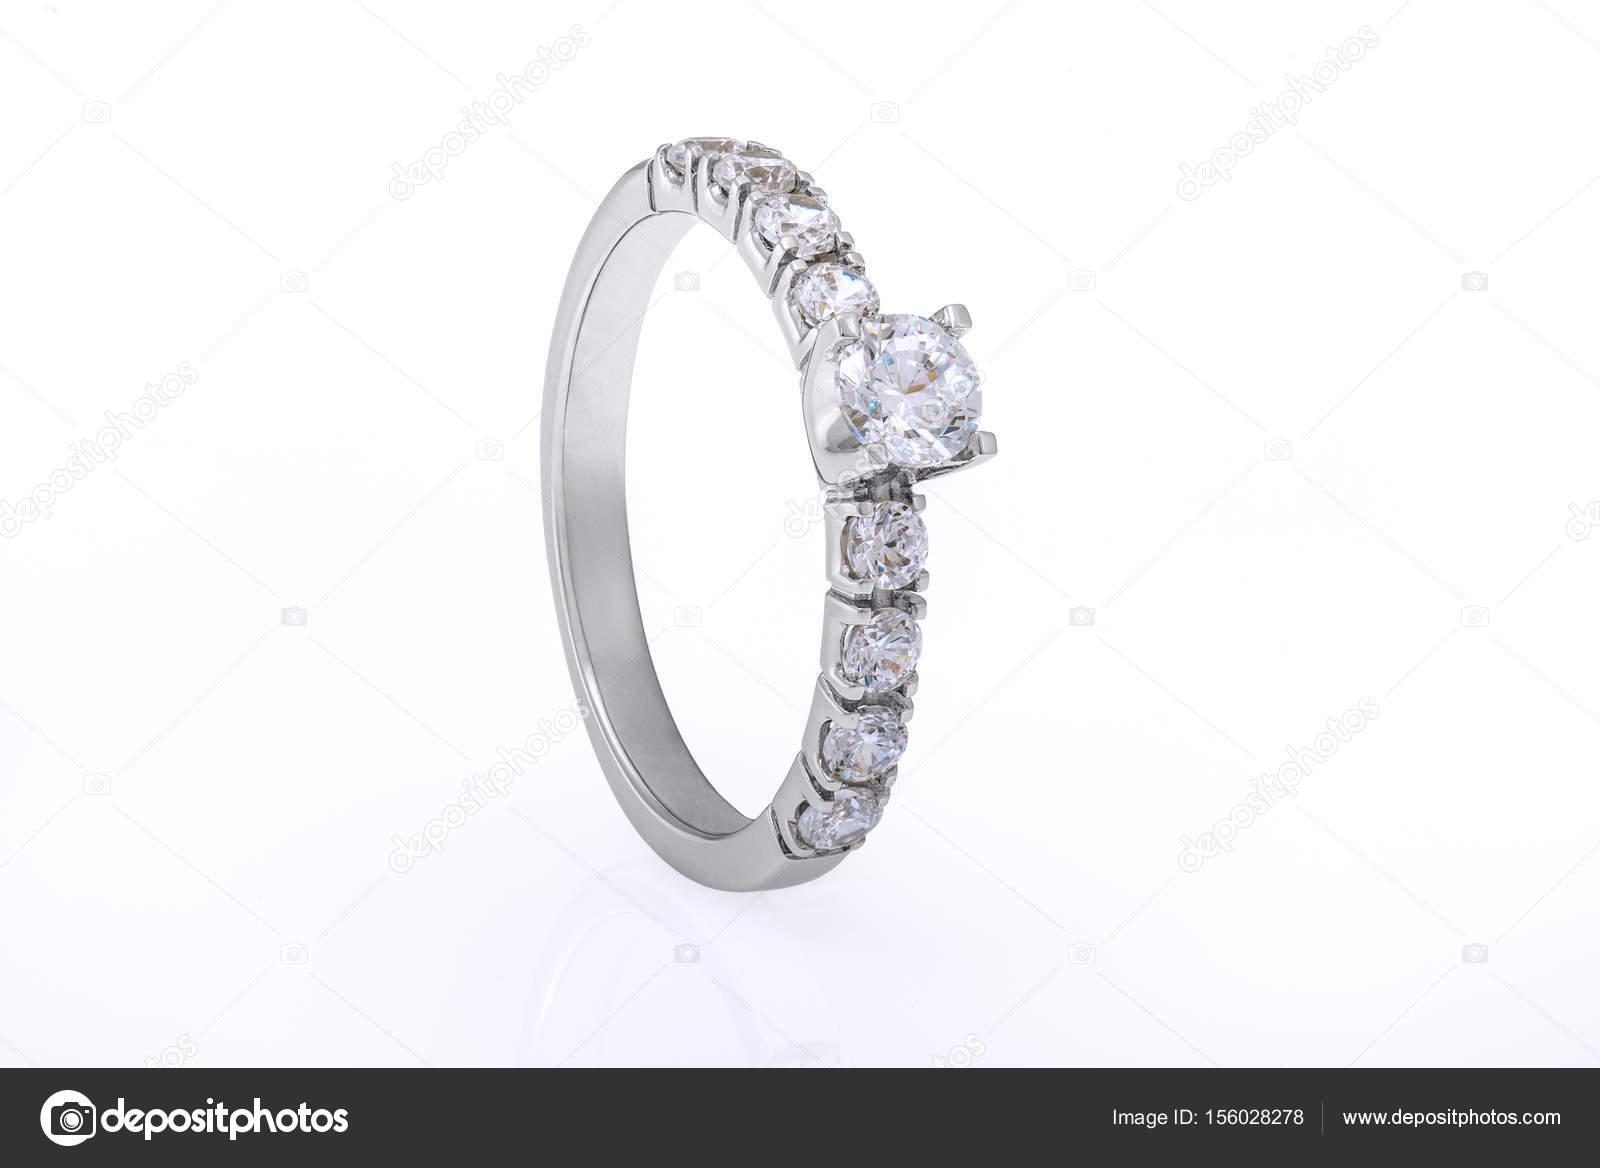 f0df0ebeaf5b Белого золота свадьба, обручальное кольцо с бриллиантами на белом ...